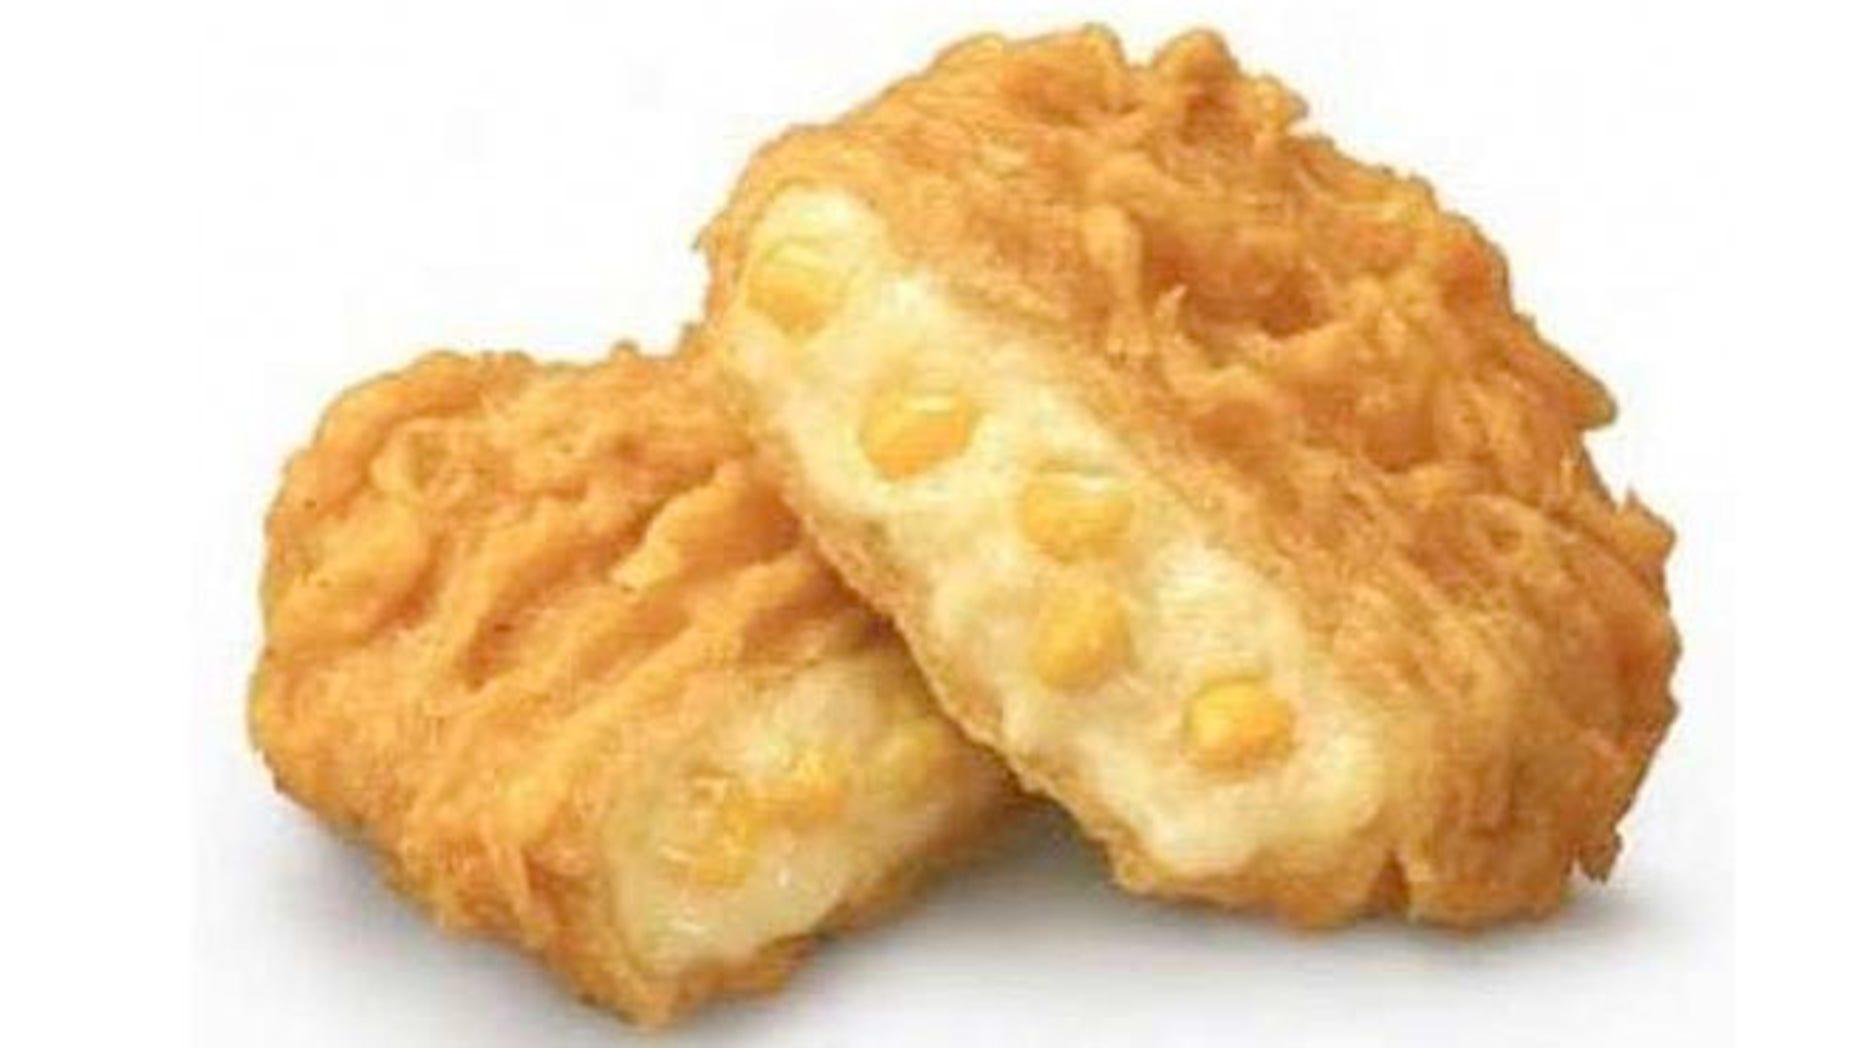 KFC is taking its popular corn soup deep frying it.